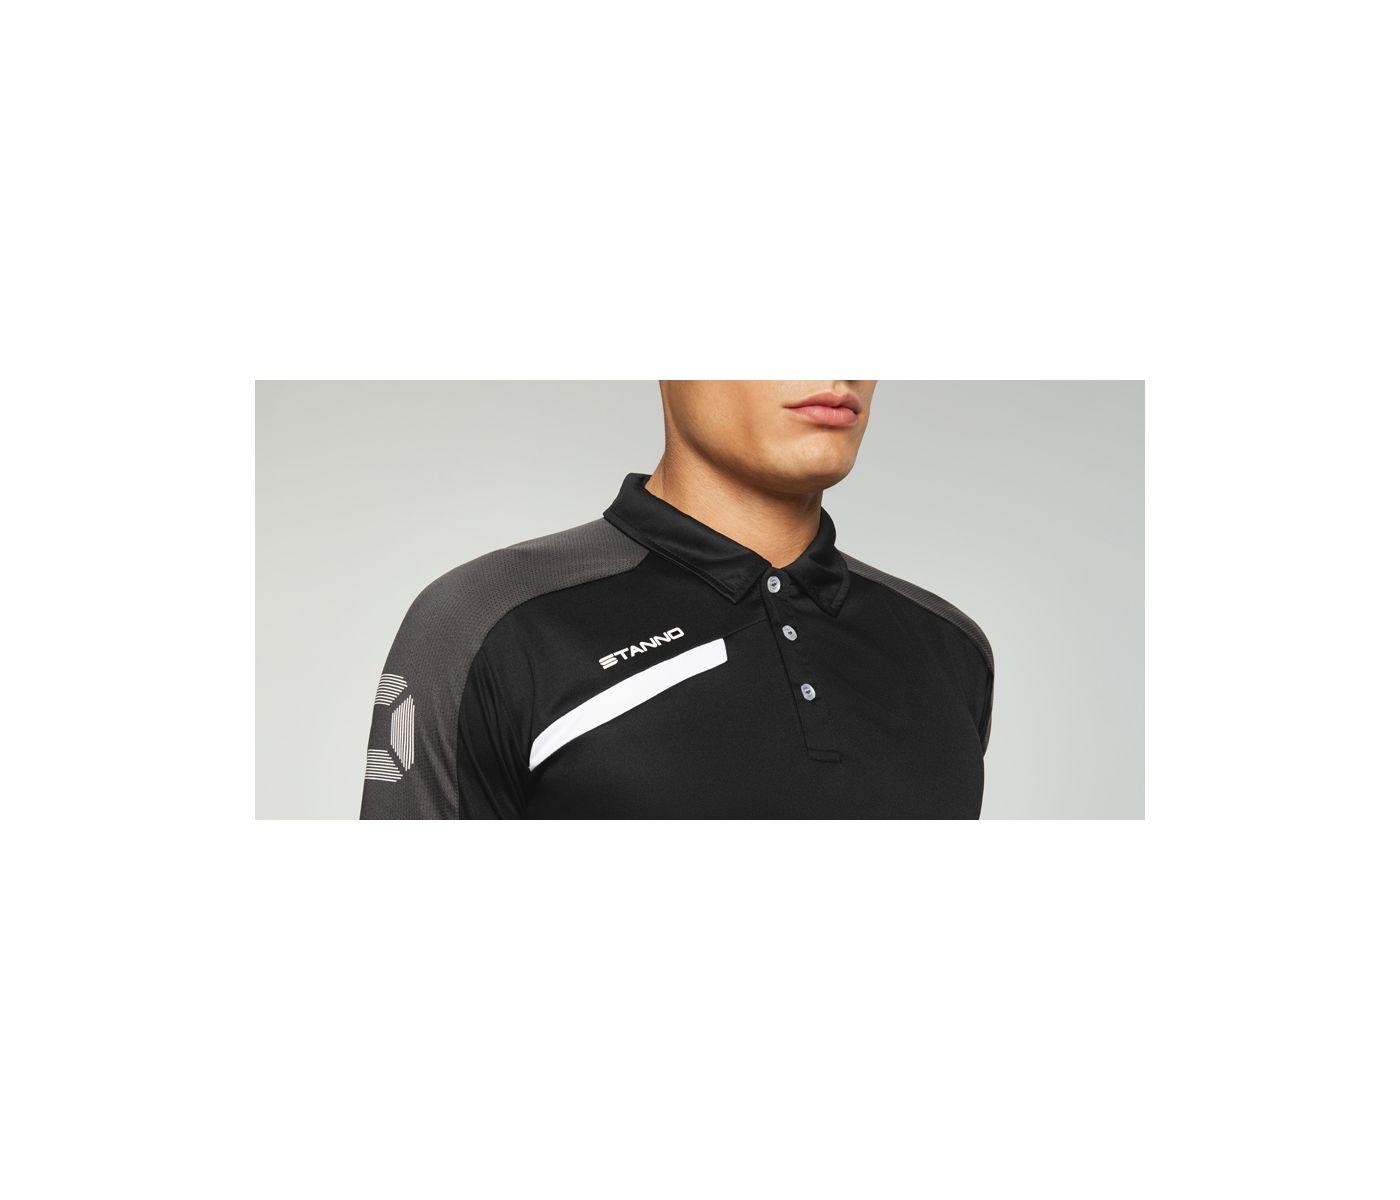 stade_teamlijnen_prestige